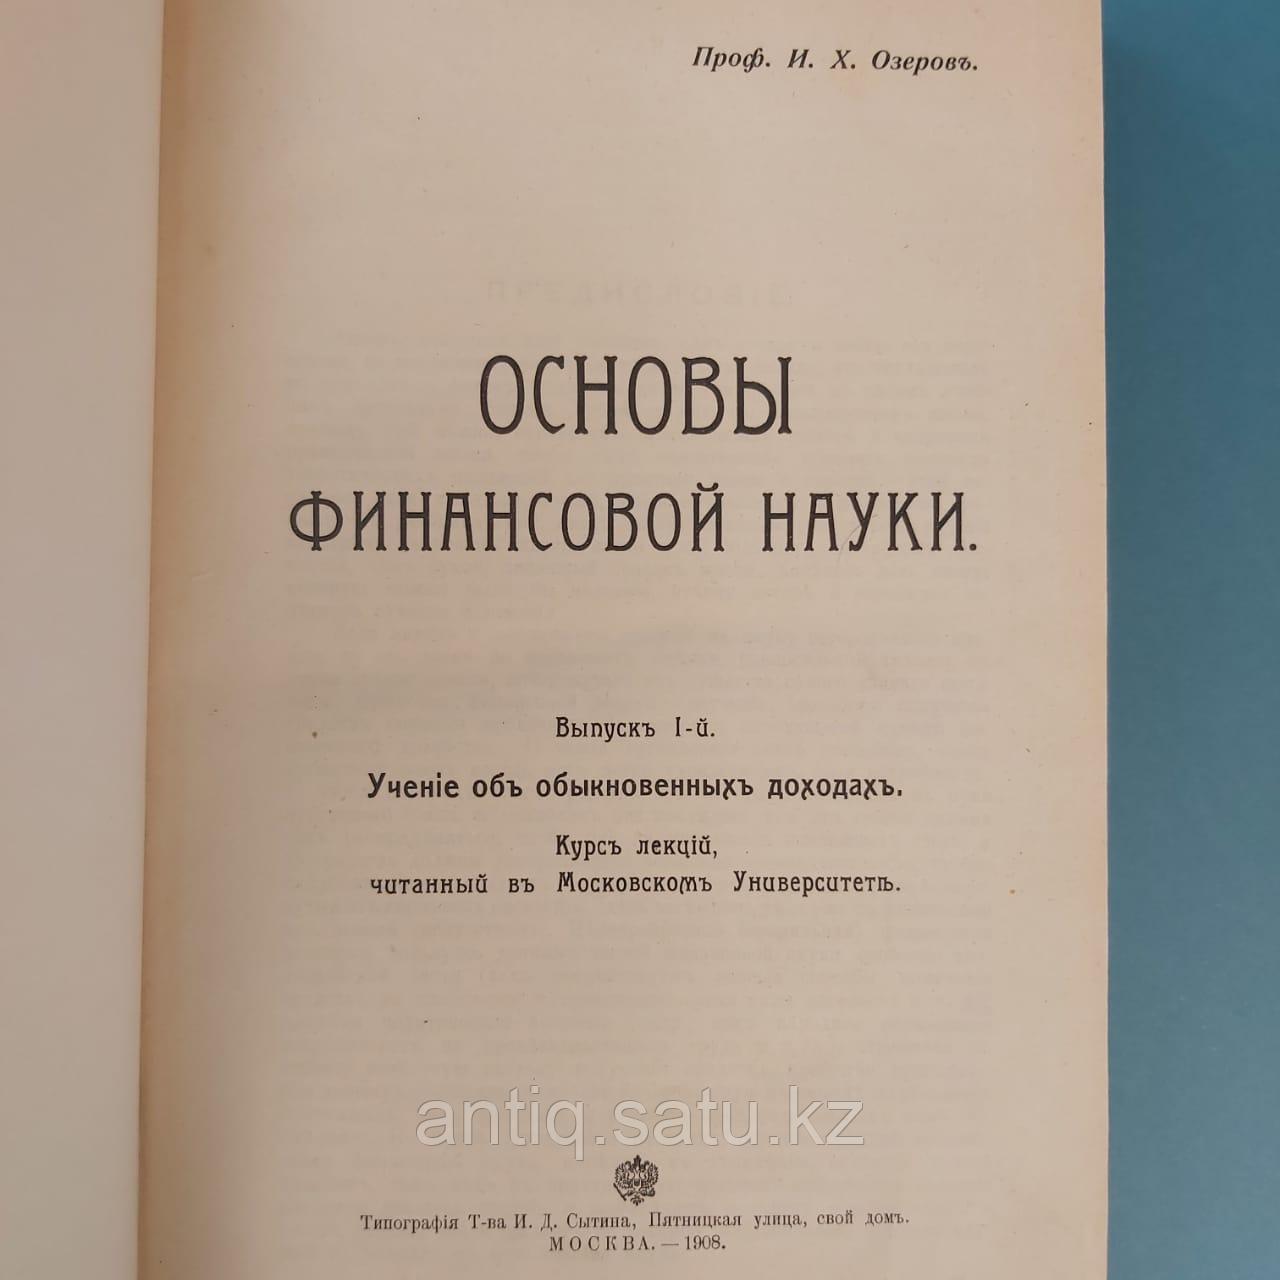 Основы финансовой науки. Автор: И.Х. Озеров. Москва, 1908 год, прижизненное издание. - фото 6